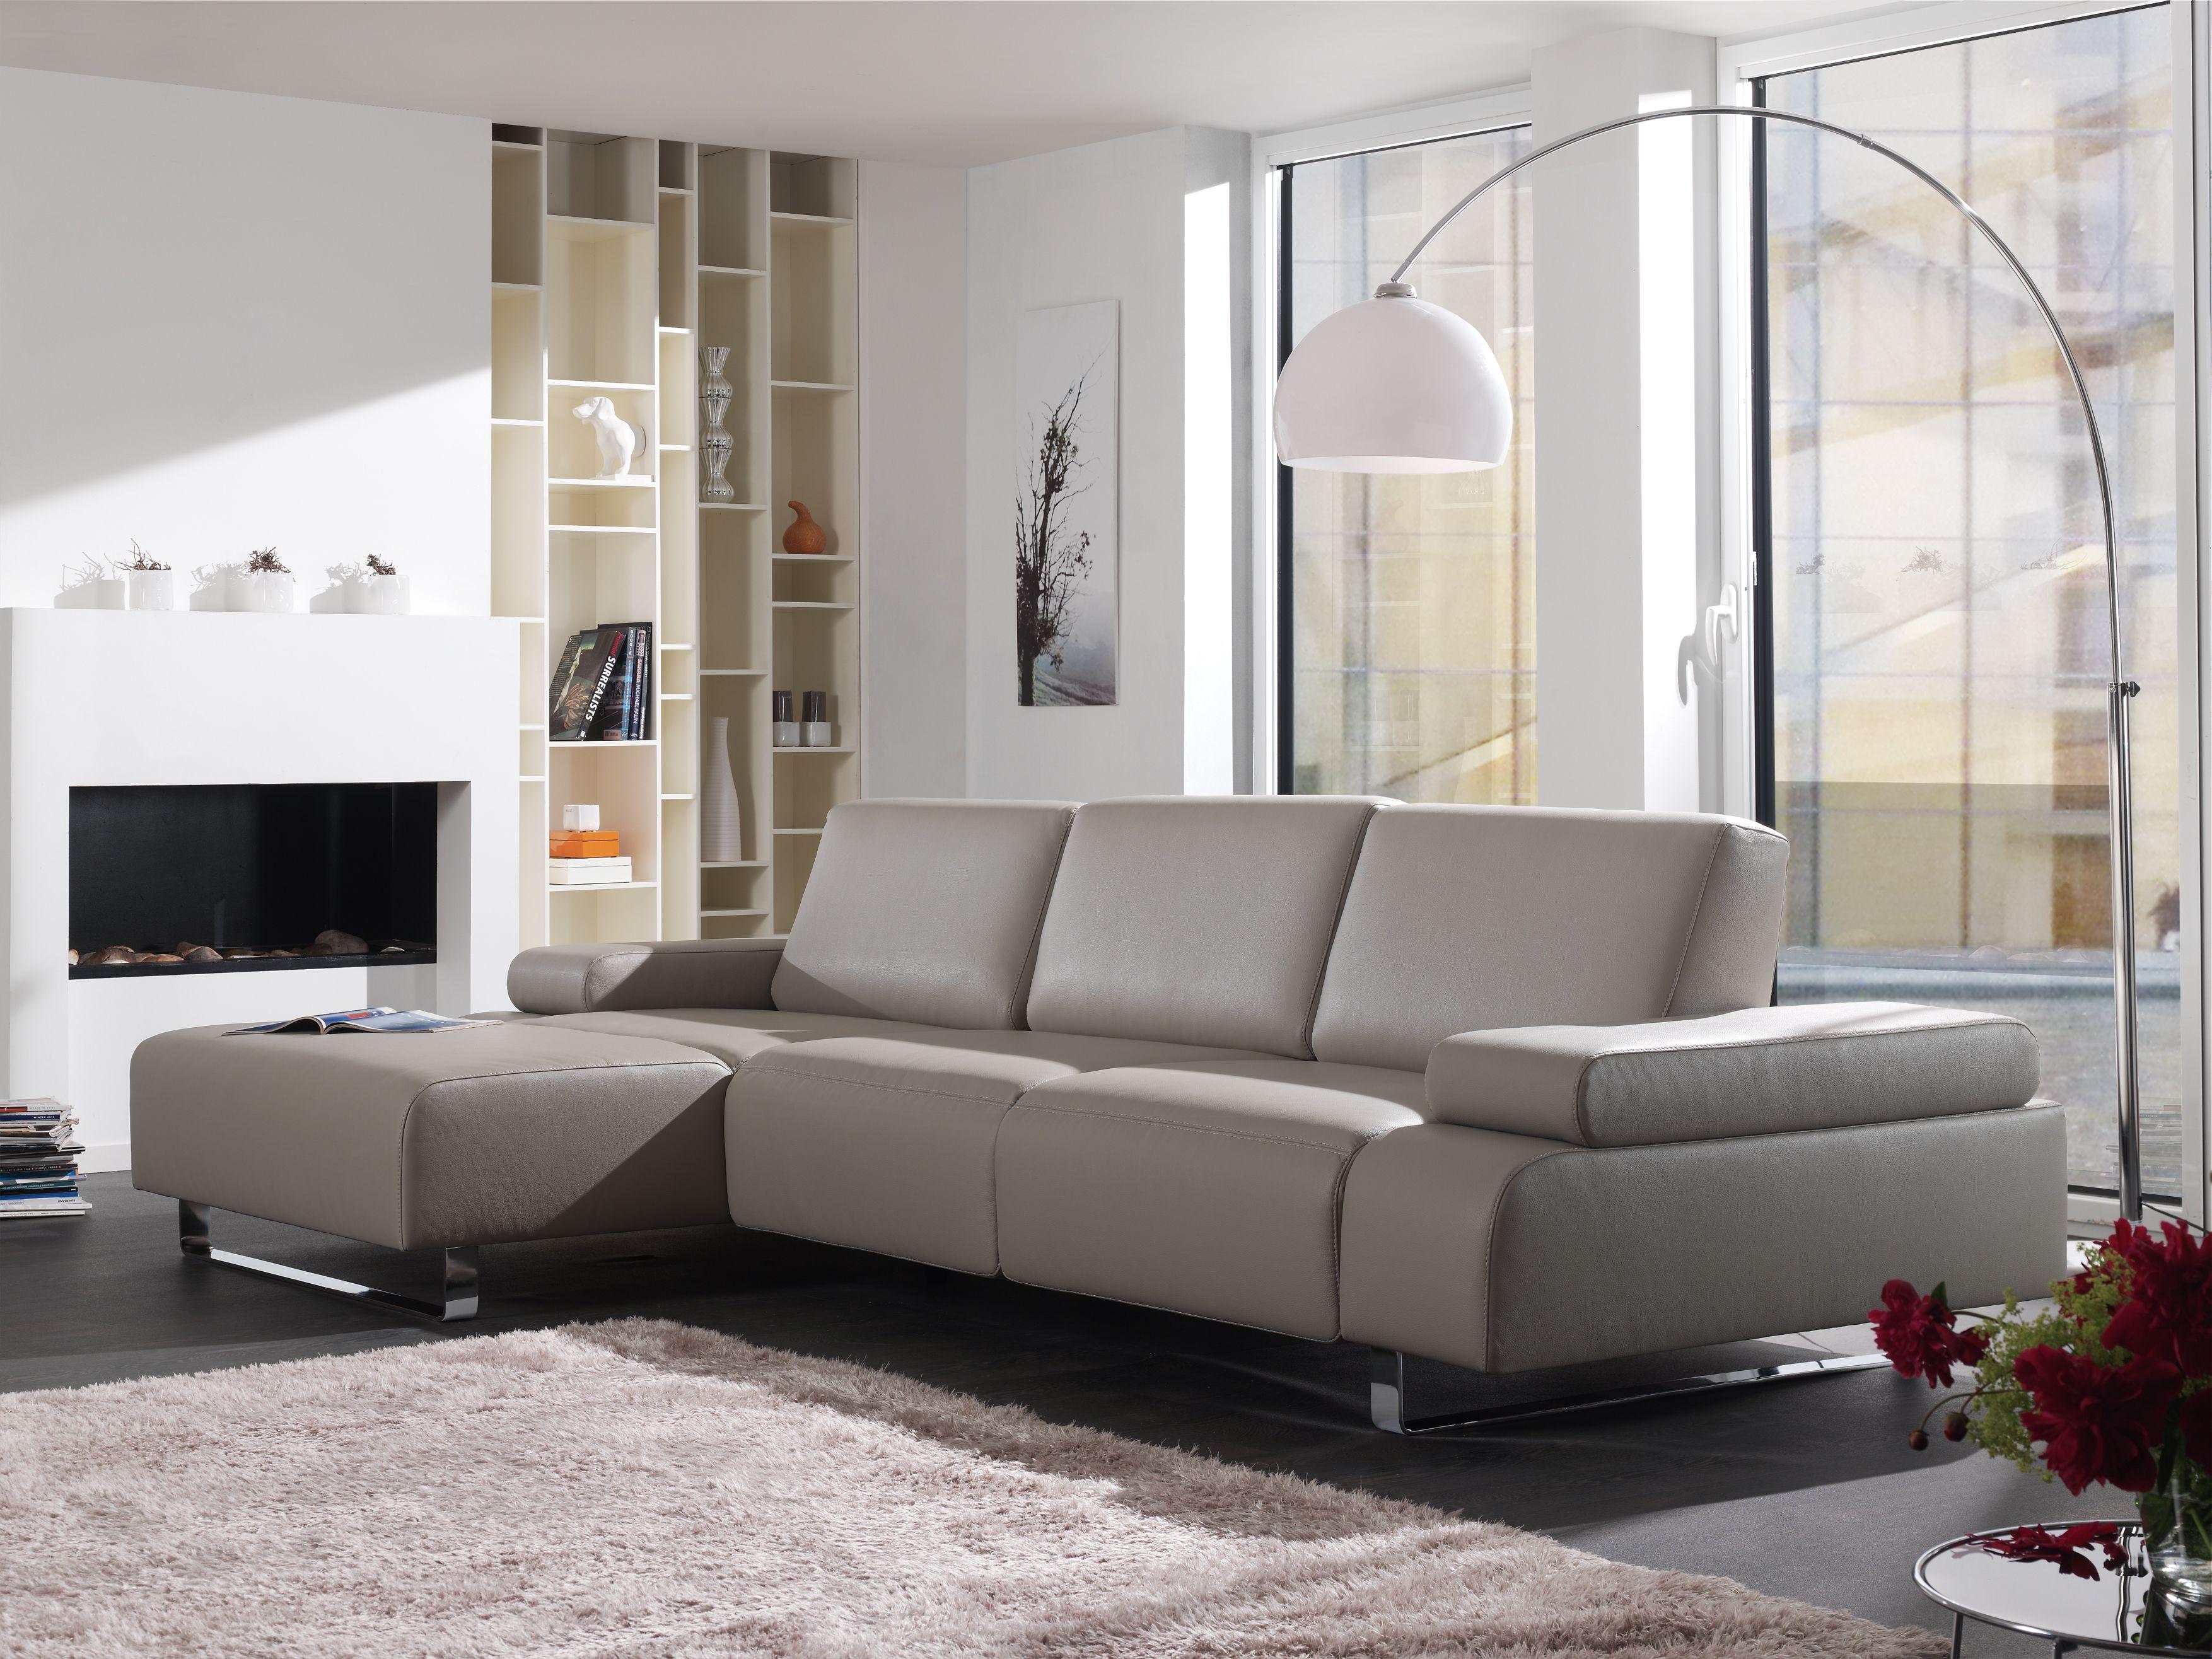 fc3188f8f2ff273c226c01dc6614e4ae Incroyable De Coussin Pour Canapé Palette Concept